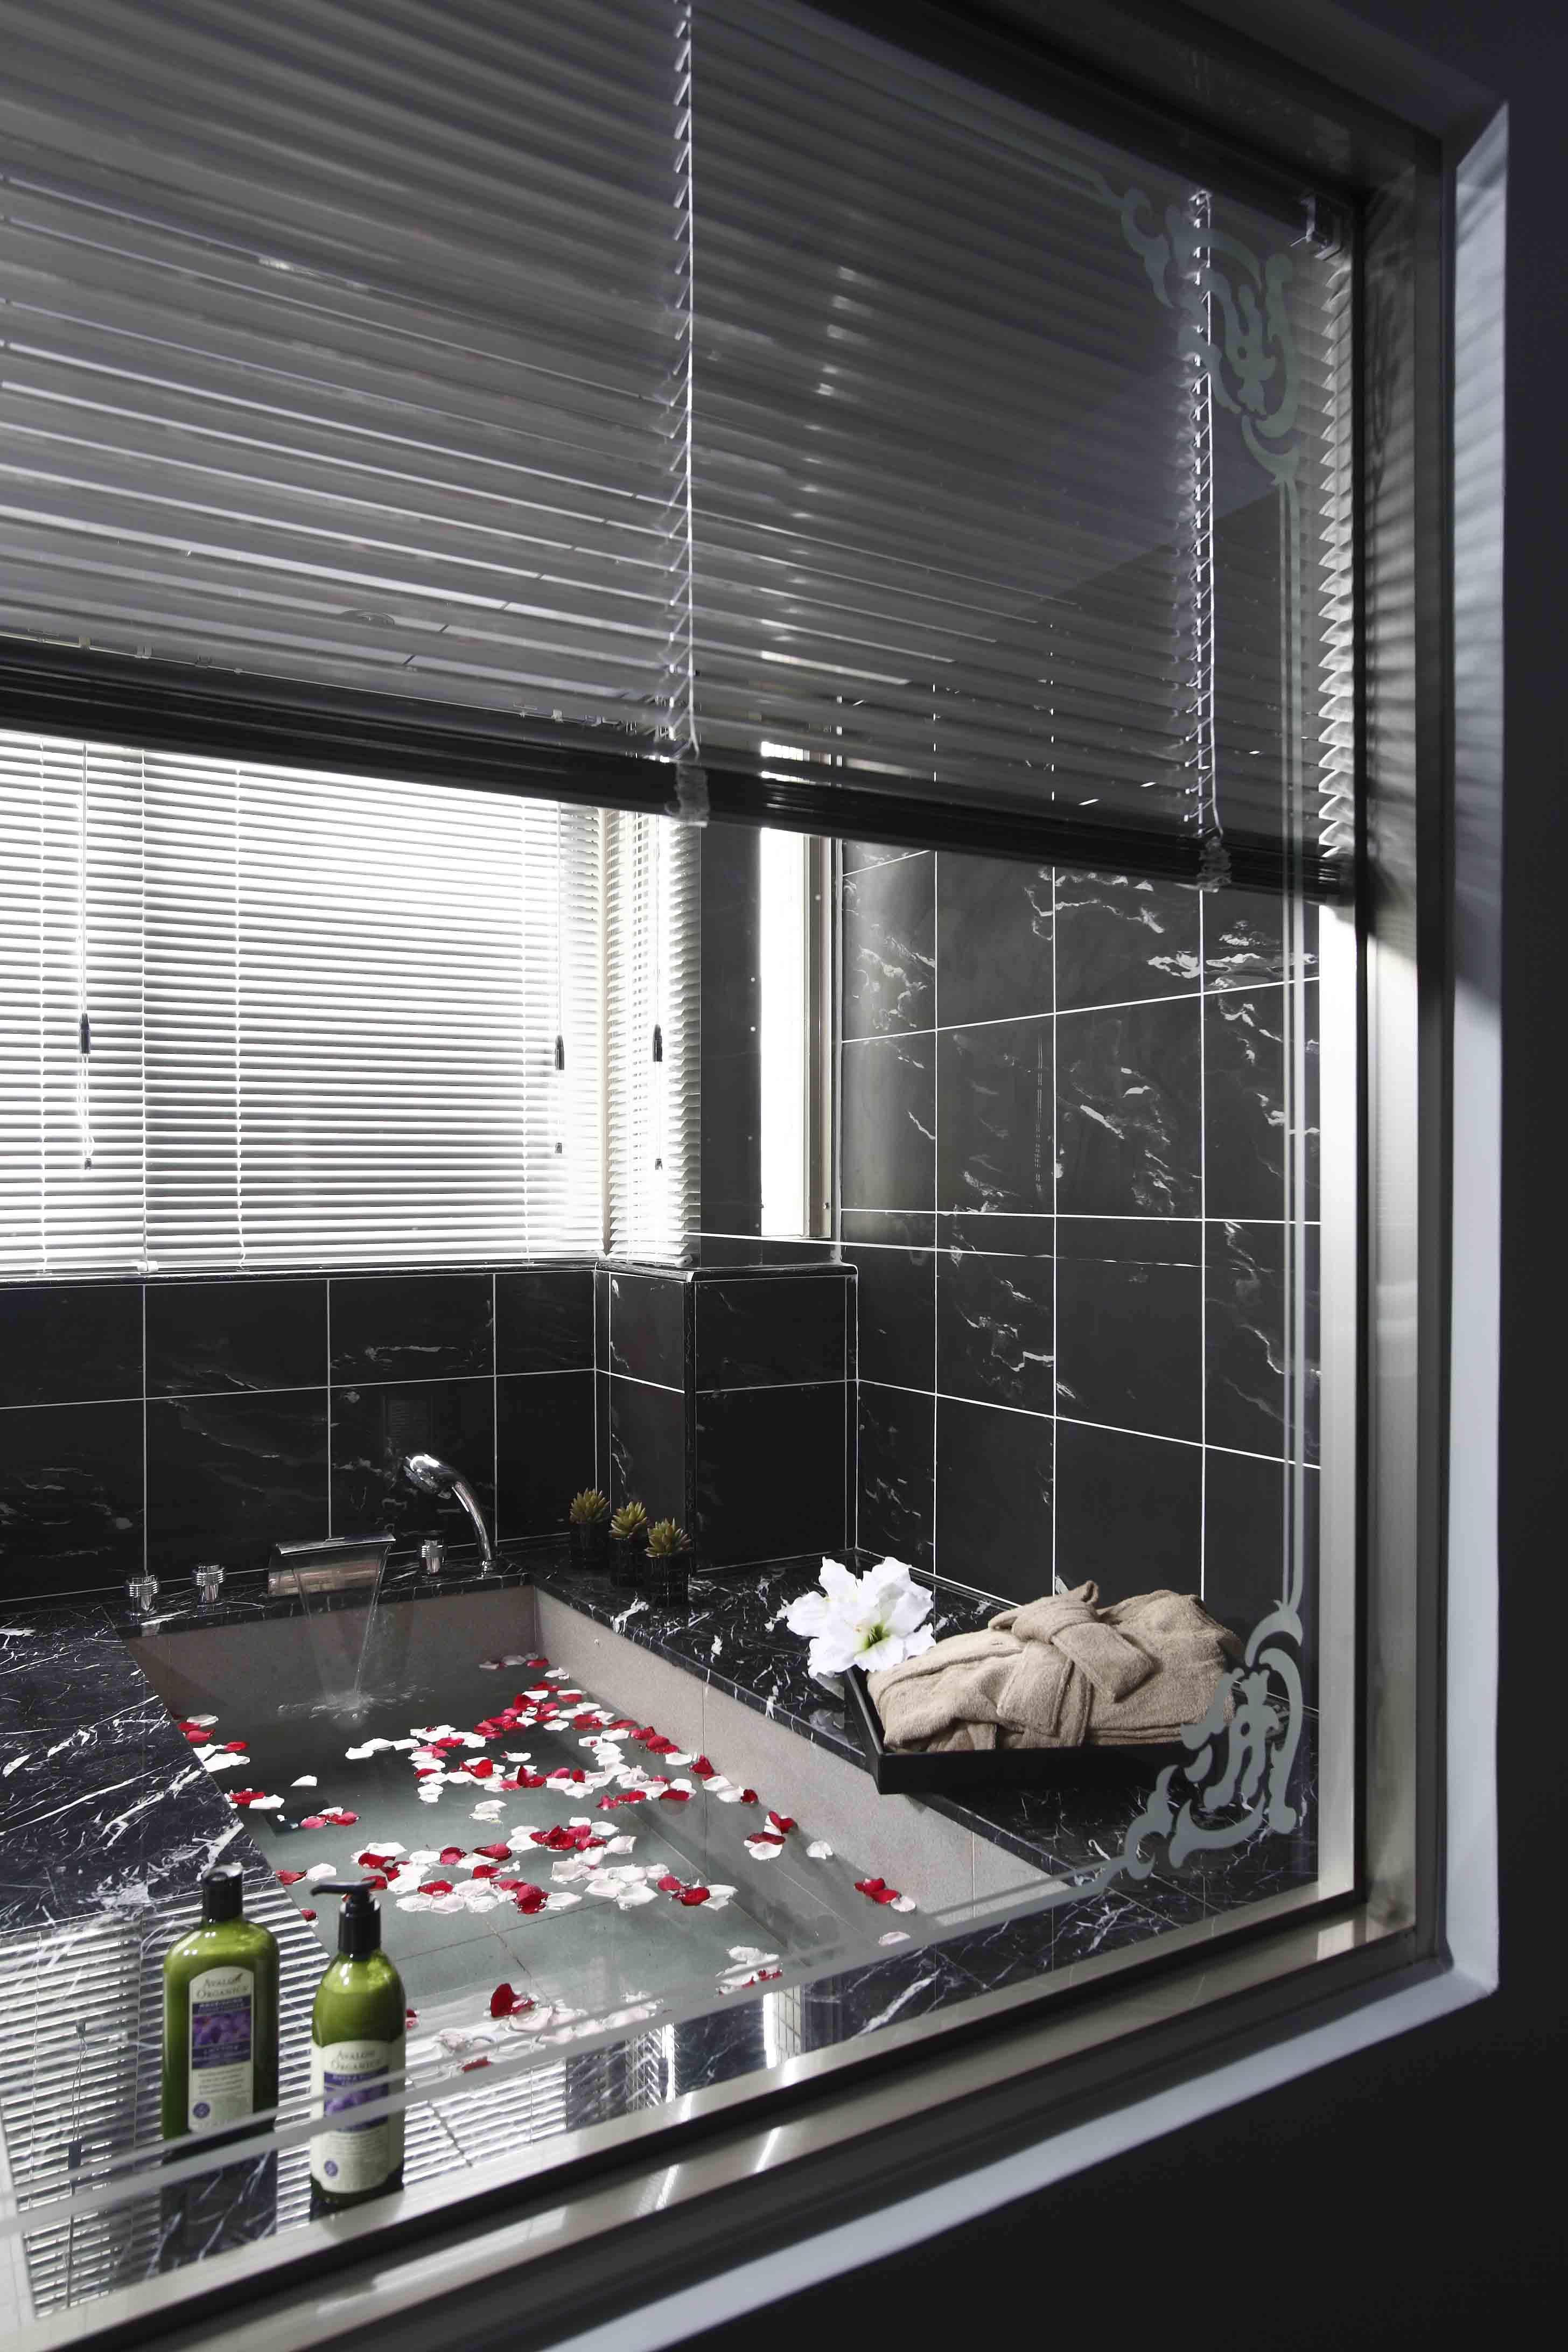 现代时尚风韵卫生间浴缸设计装修效果图